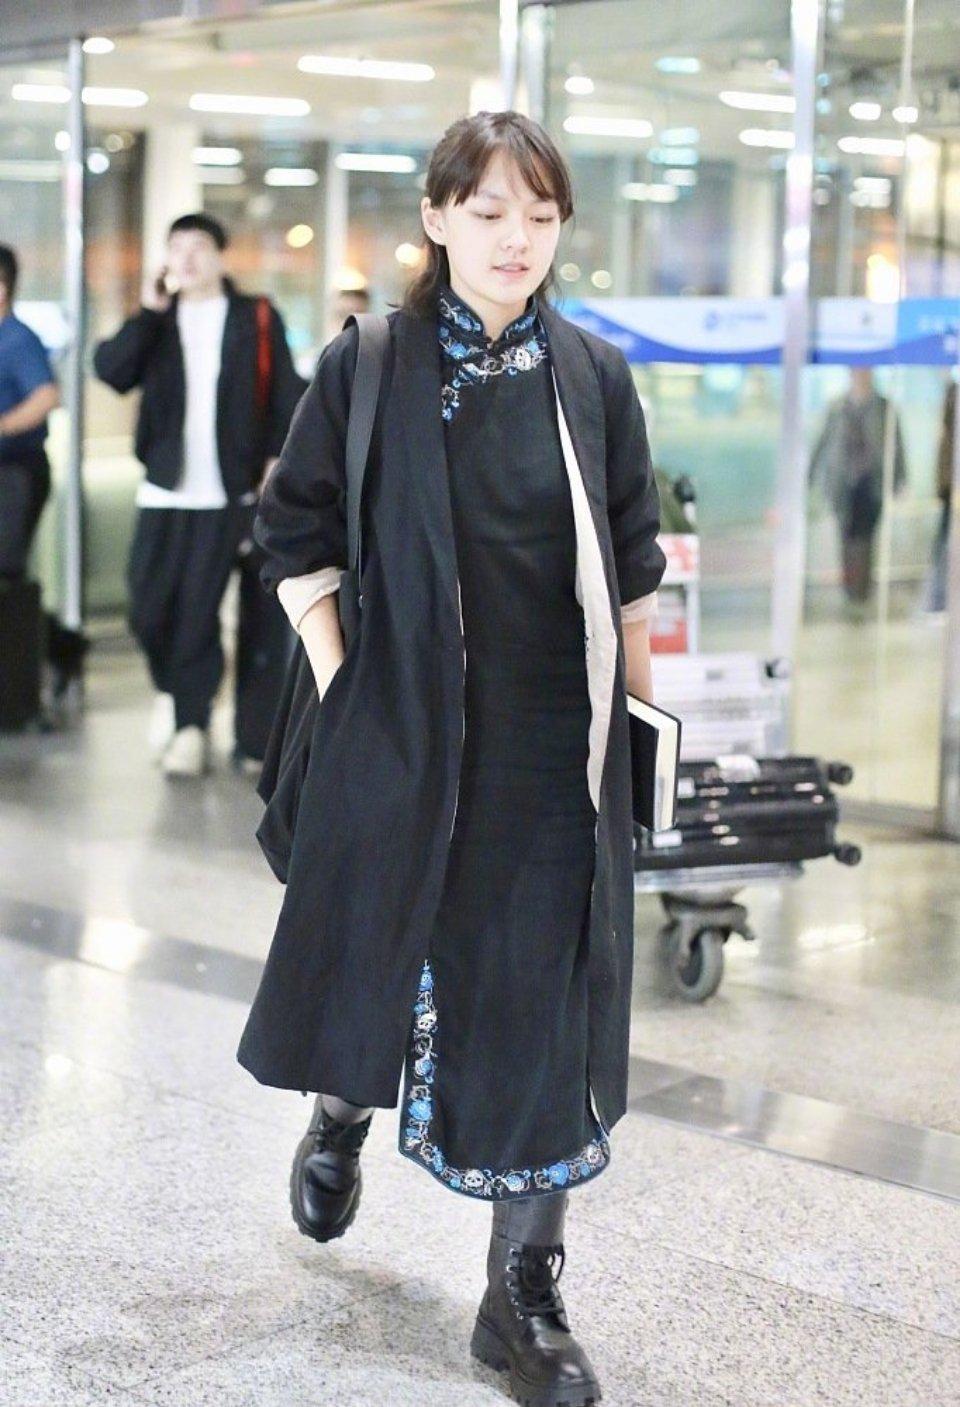 文淇 × 机场造型  文淇身穿黑色绣花边旗袍搭配复古开衫现身机场